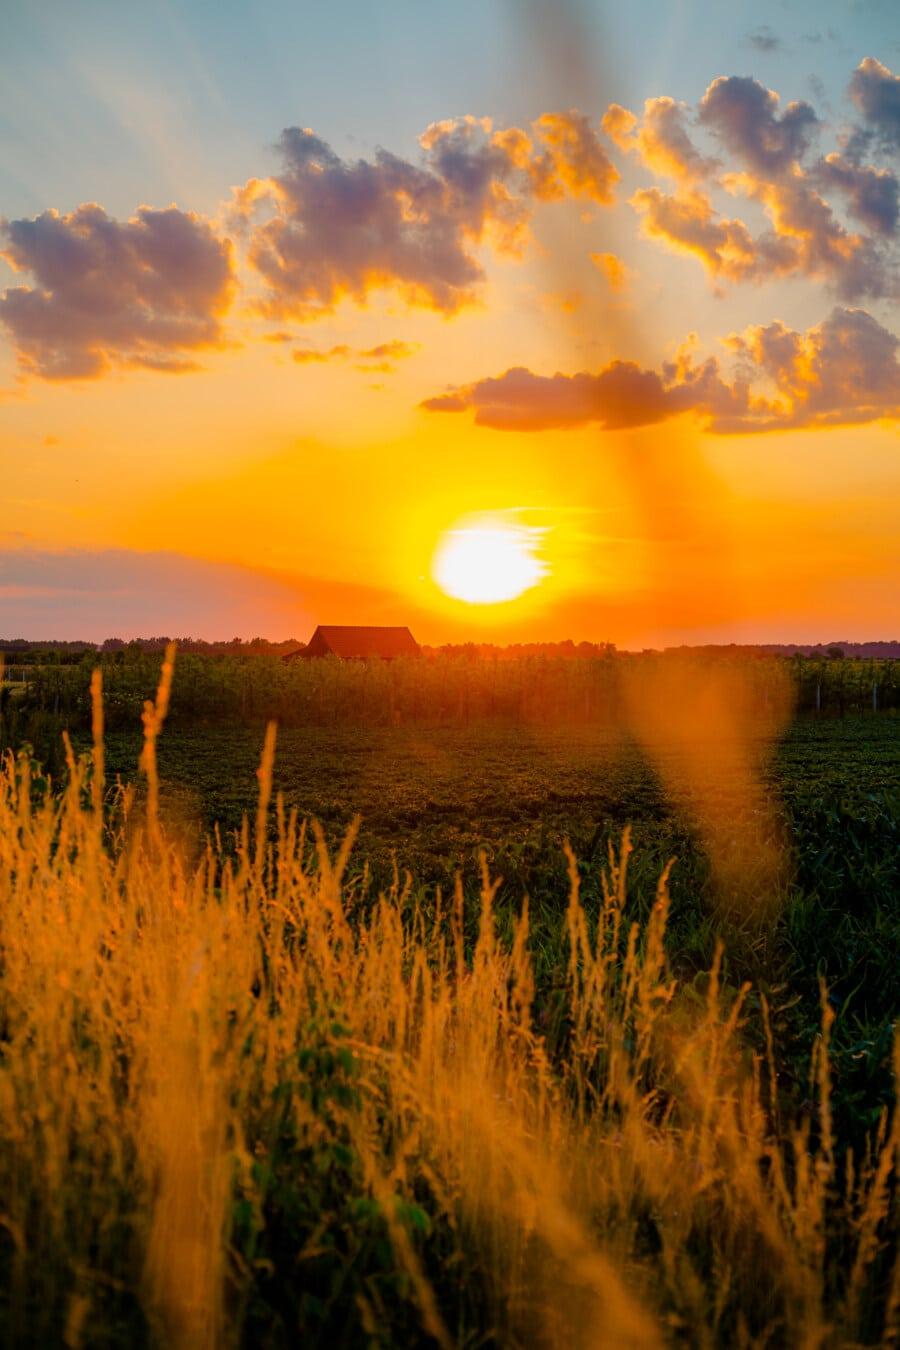 Sonne, Obstgarten, Sonnenlicht, hell, Ackerland, Sonnenuntergang, Wolken, Sterne, Landschaft, Sonnenaufgang